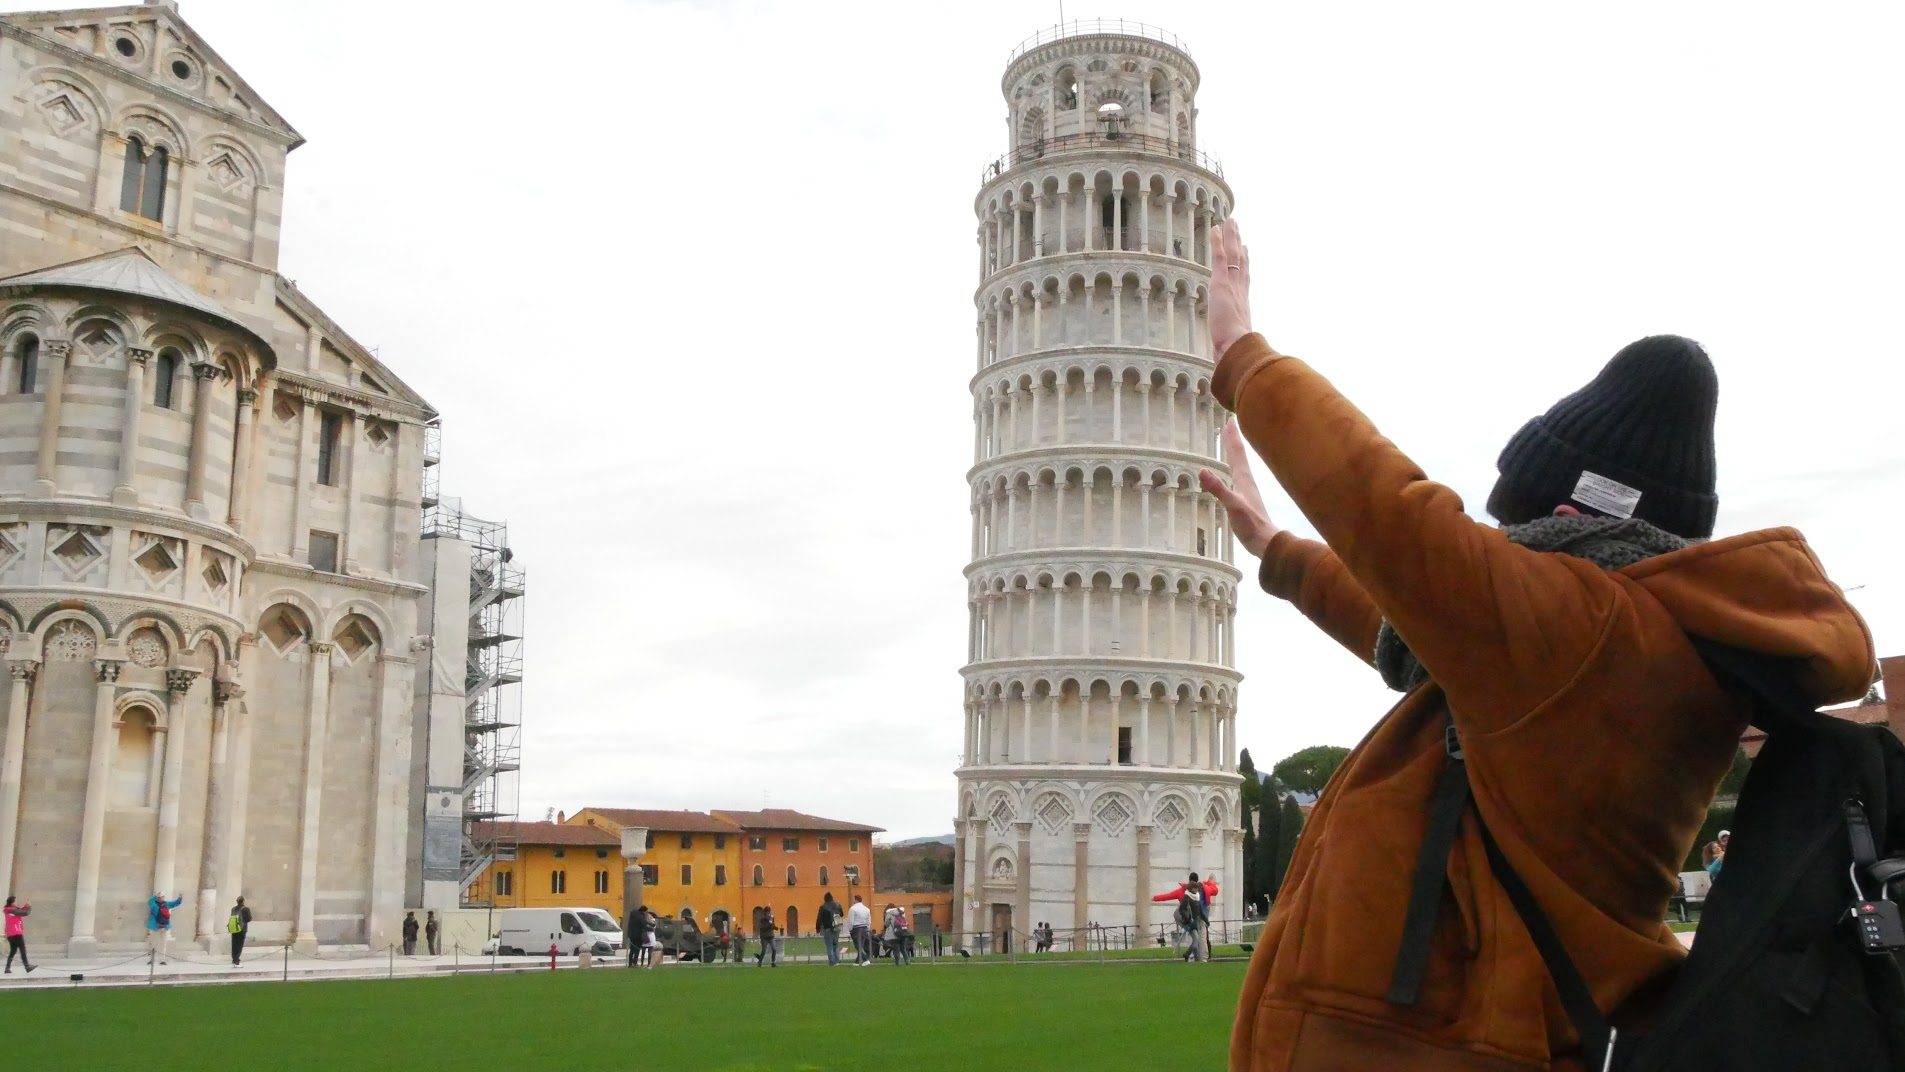 ピサの斜塔で面白写真